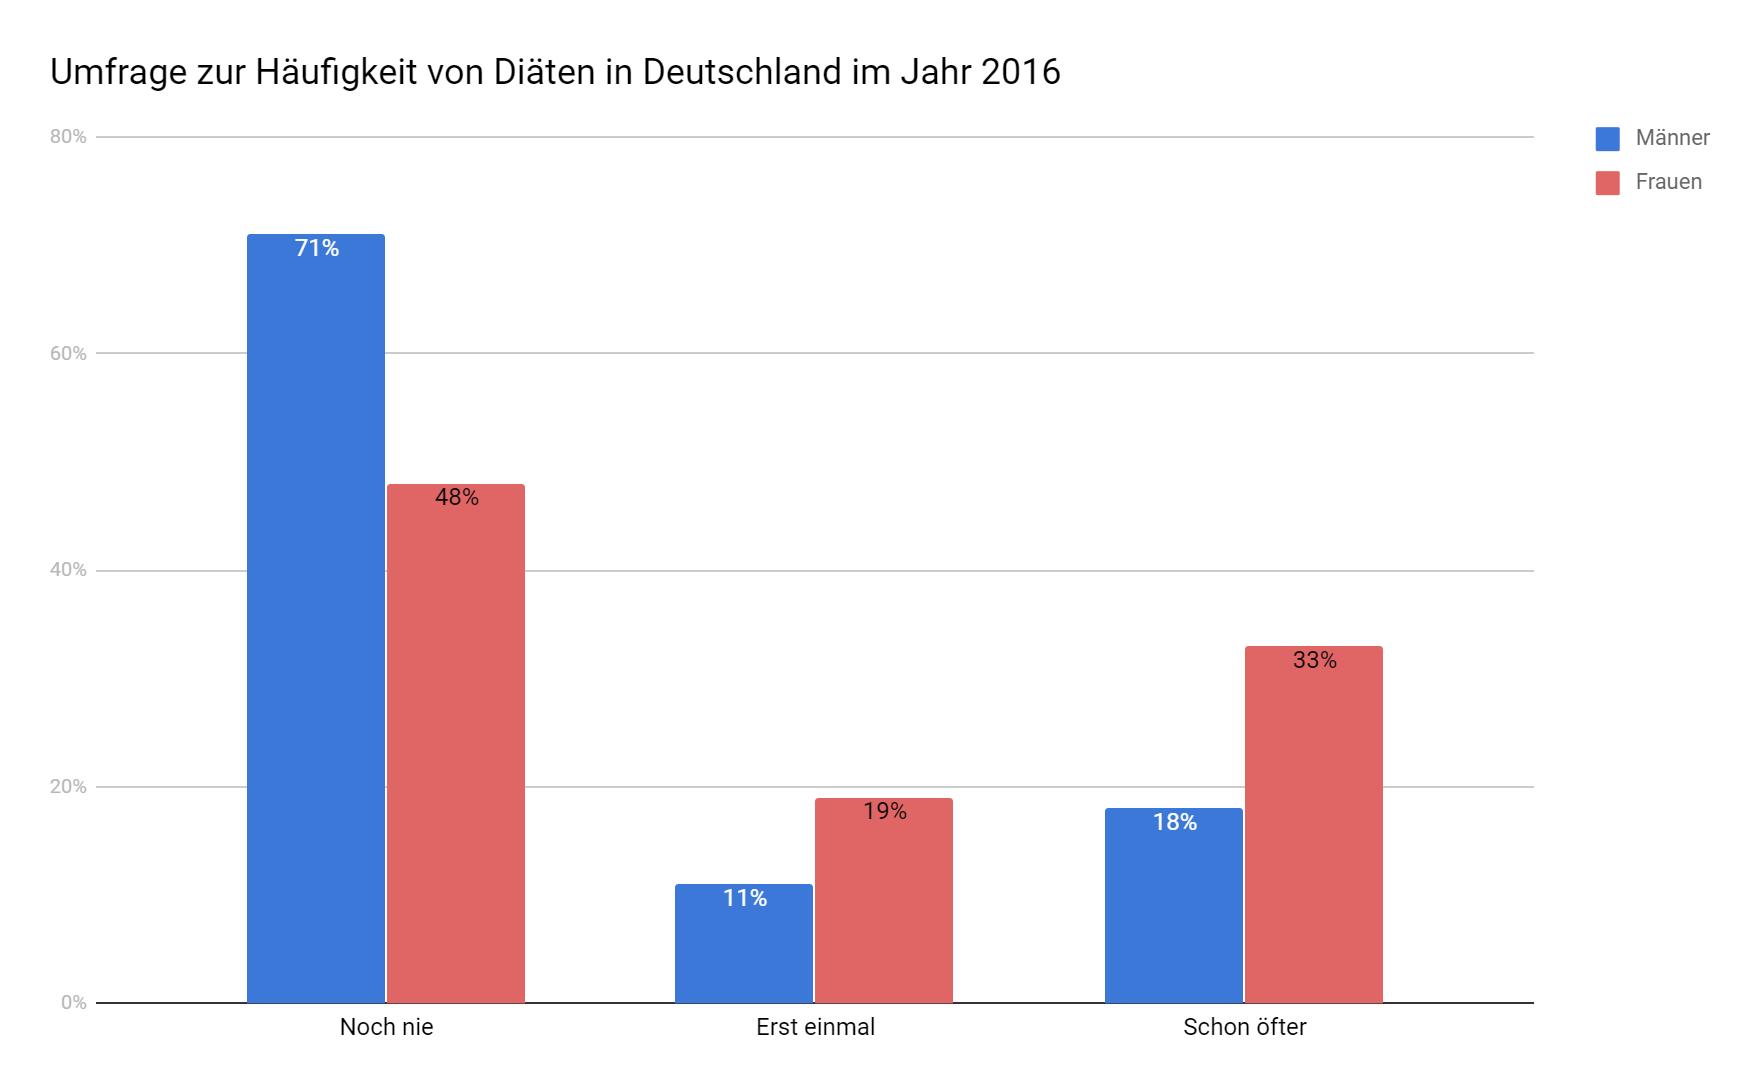 Diäten Männer Frauen - ▷ Die 10 beliebtesten Diäten Deutschlands